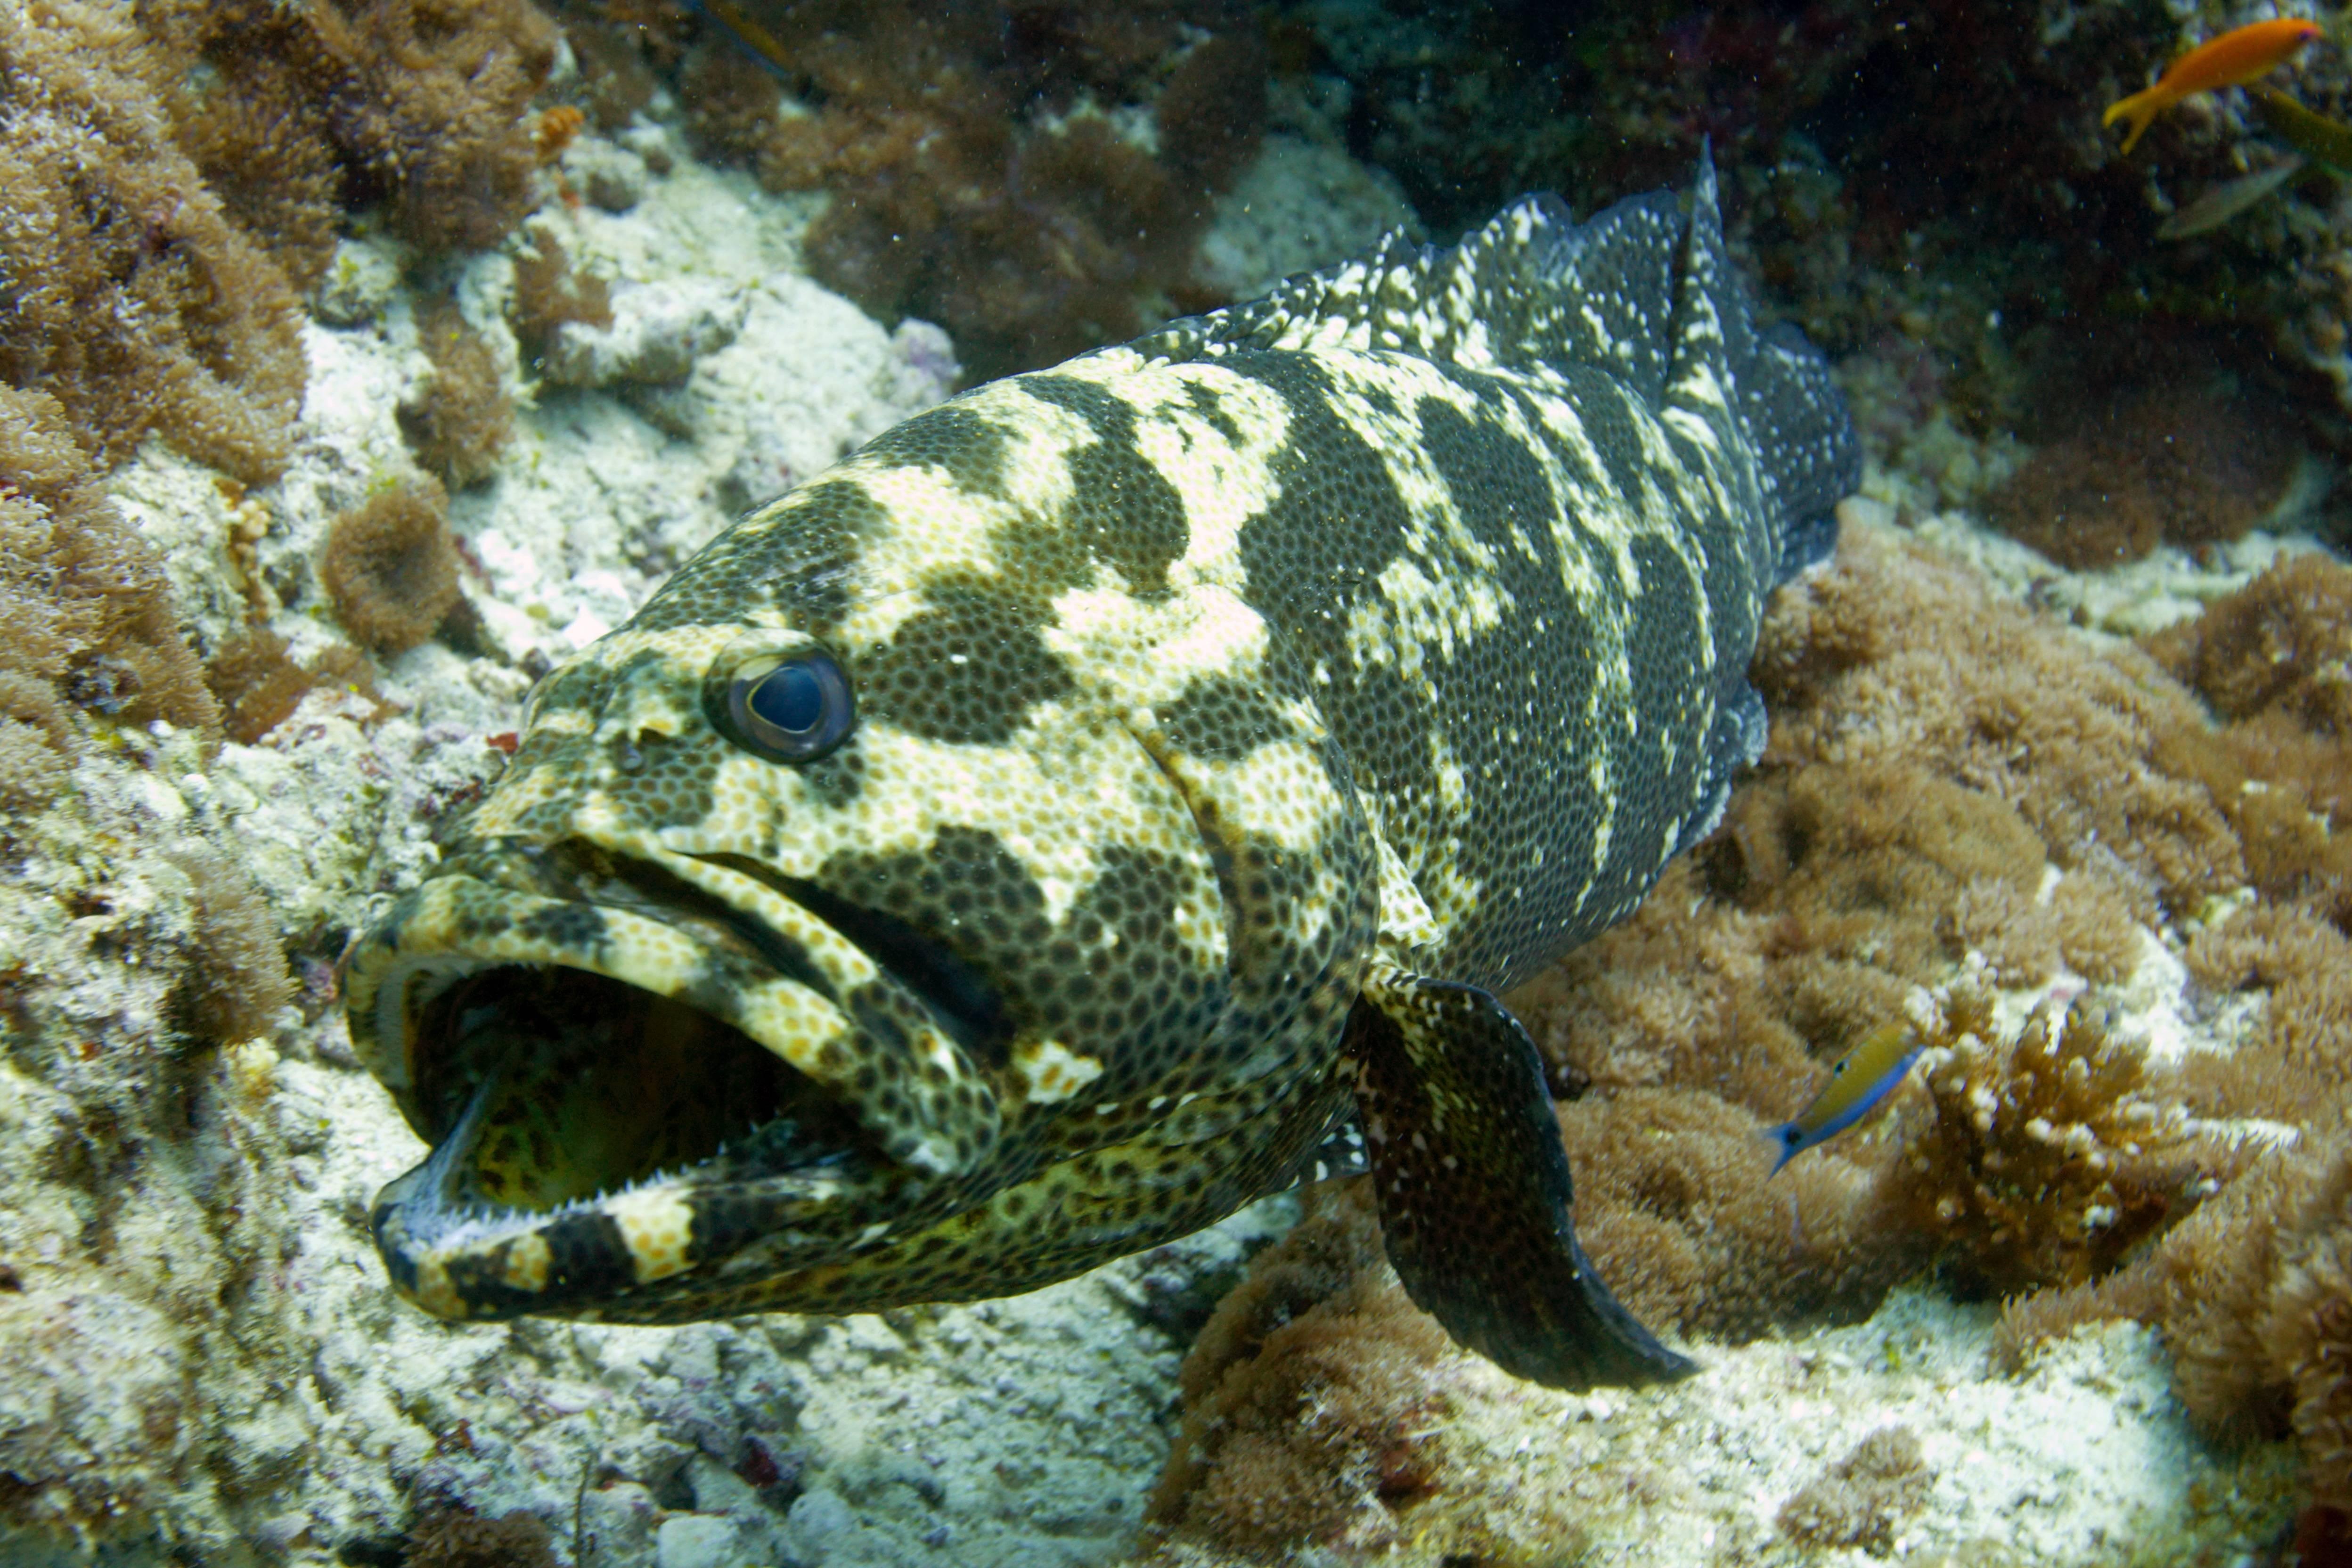 Рыба групер: фото, размеры, рецепты приготовления